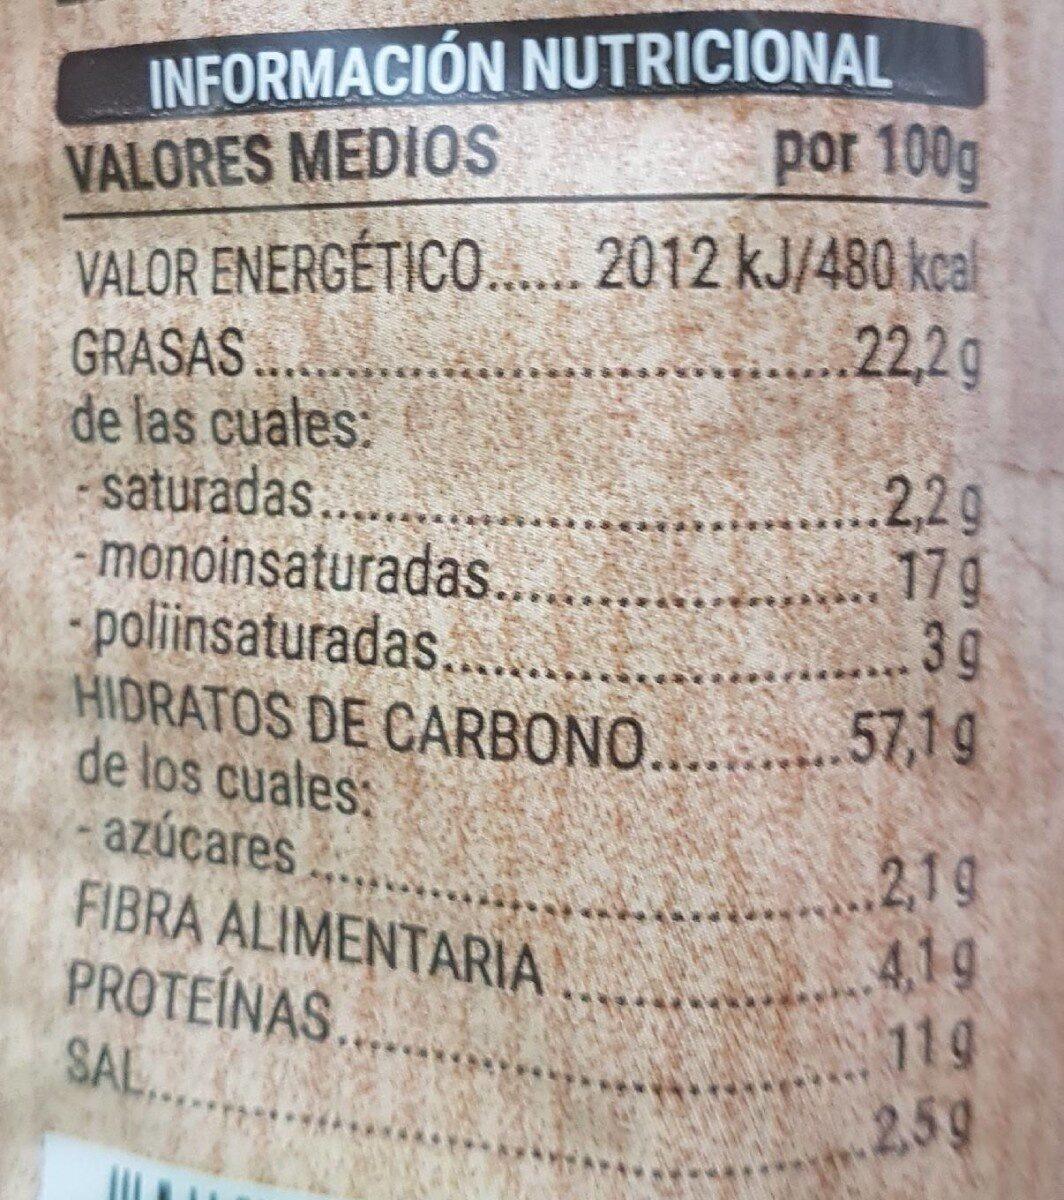 Palitos con frutos secos horneados - Voedigswaarden